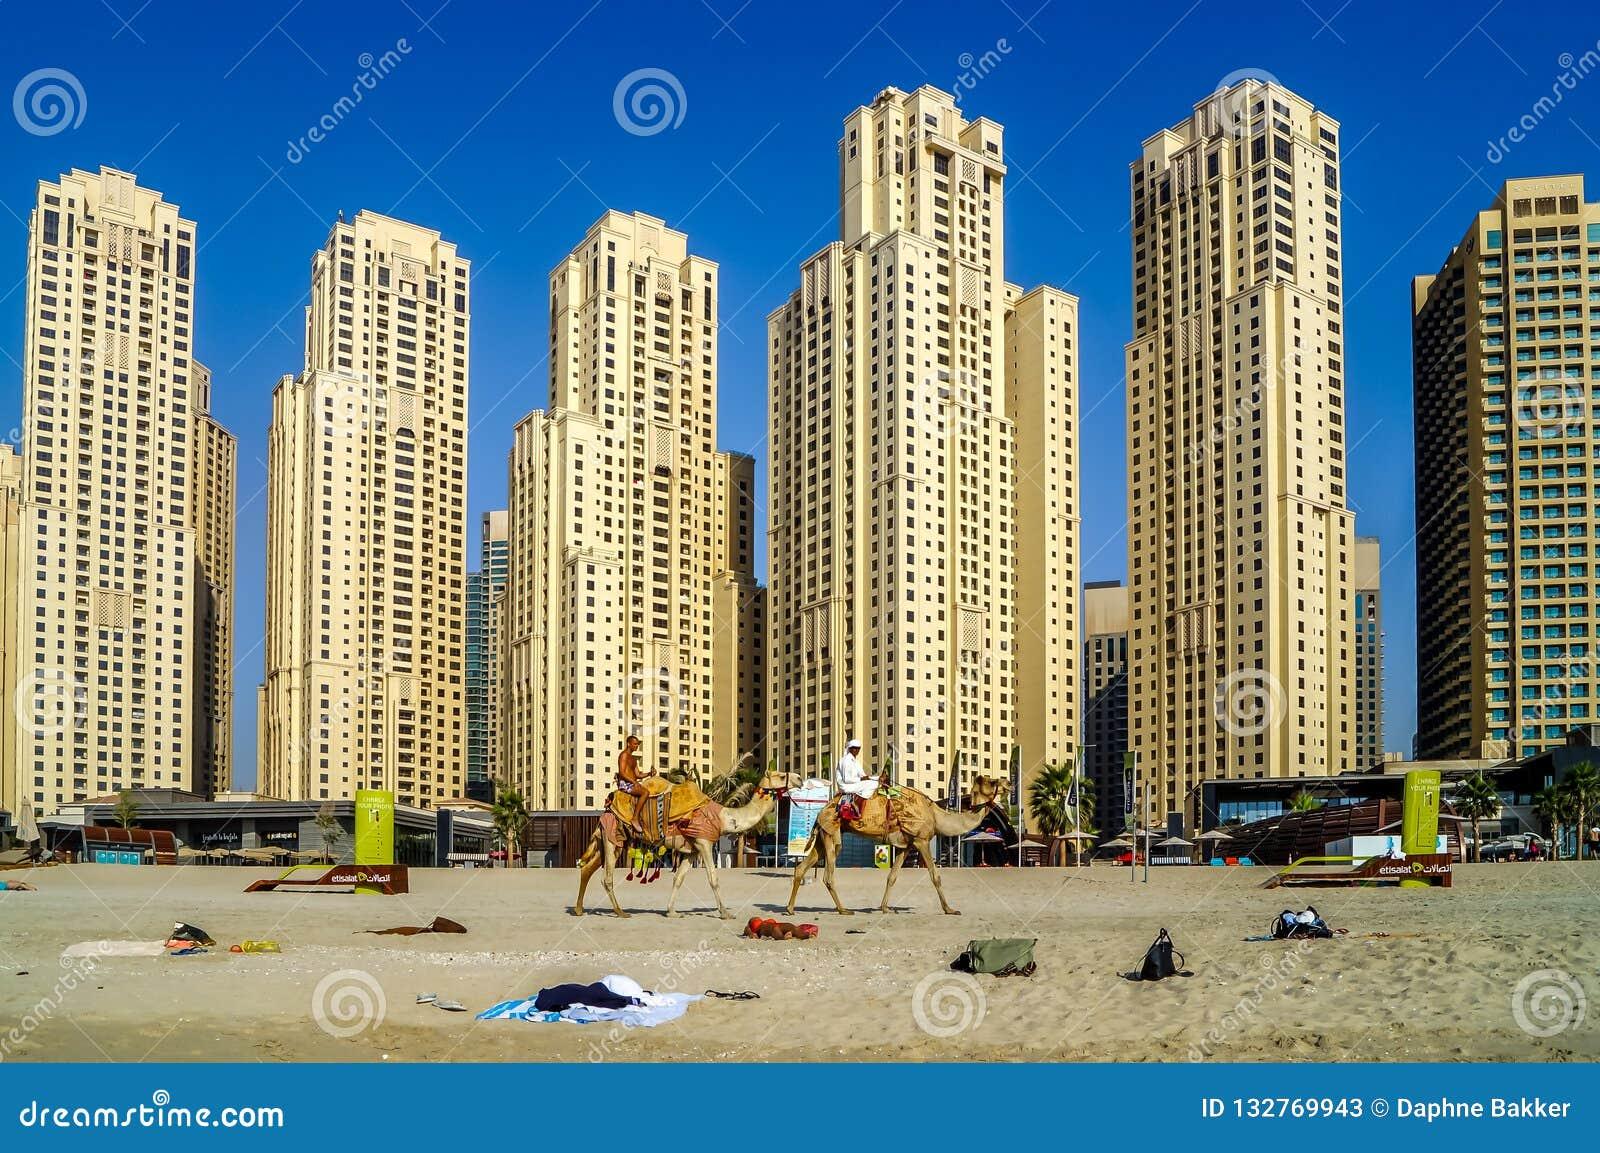 Dubai-Skyline mit Wolkenkratzern und Kamelen am Strand